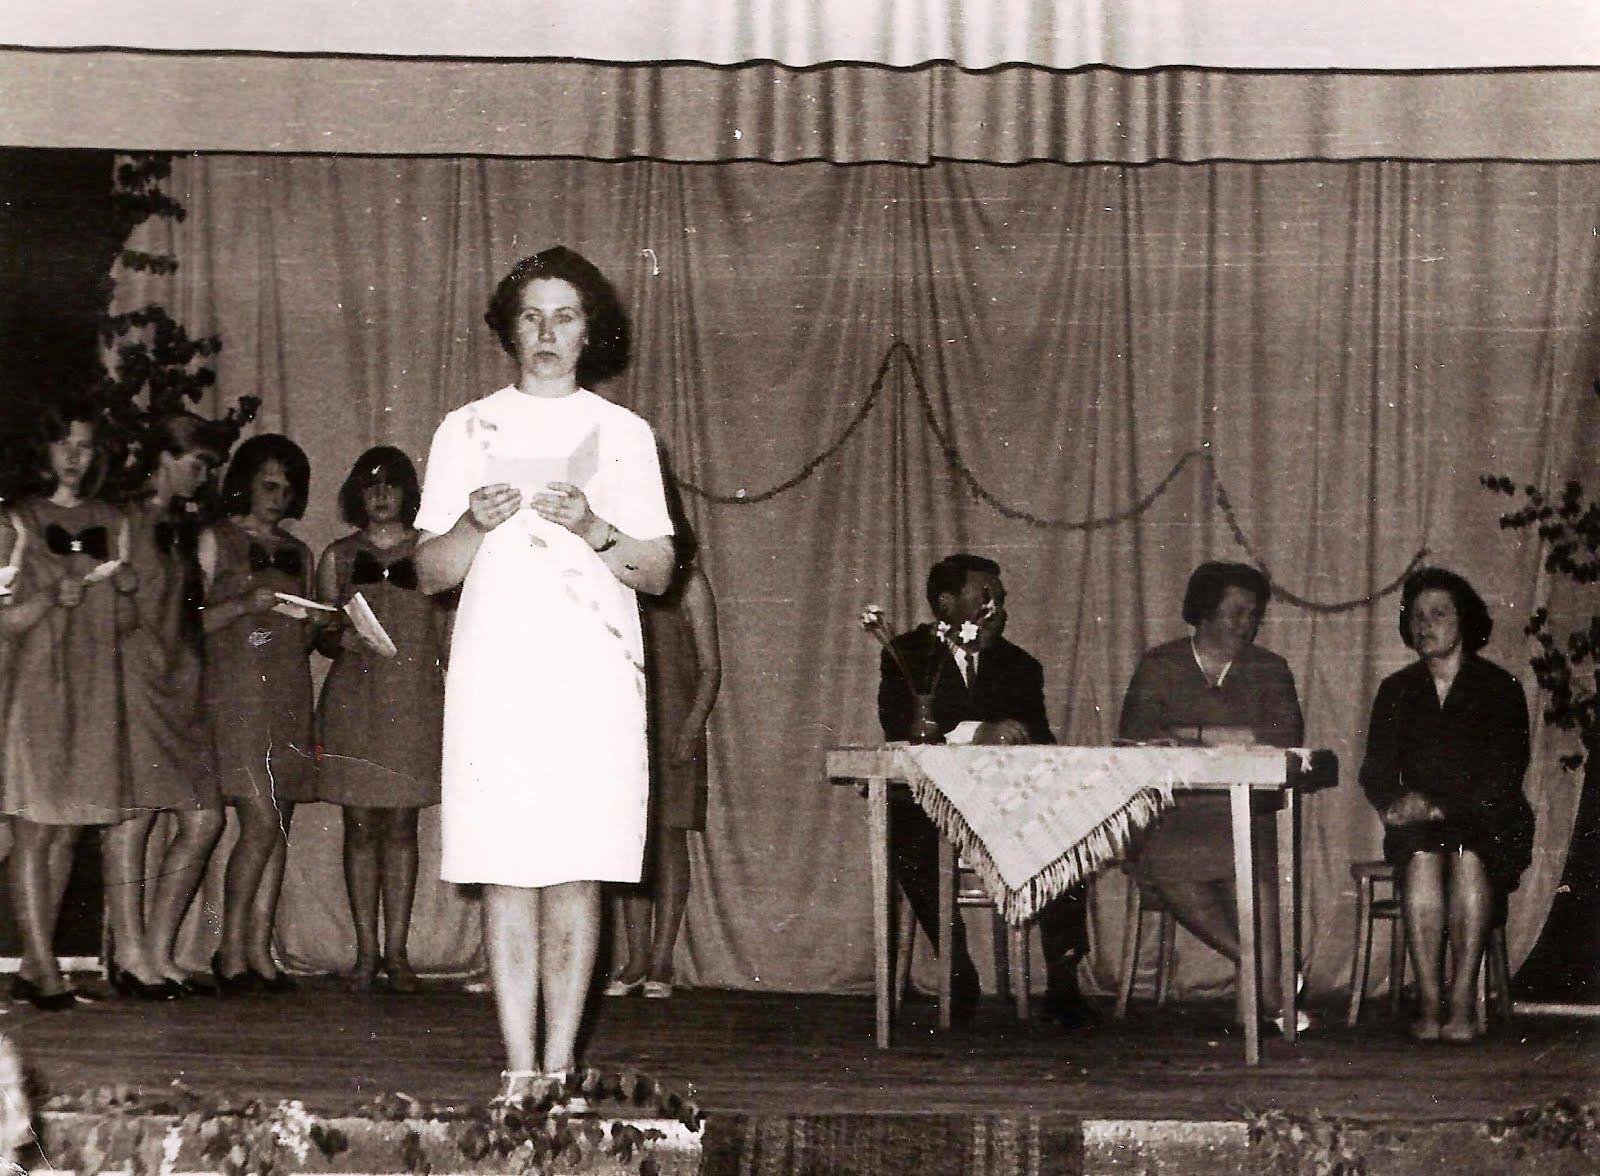 Pasākums tautas namā . Priekšplānā skolotāja Ilga Iskrova . 1960-tie vai 1970-tie gadi